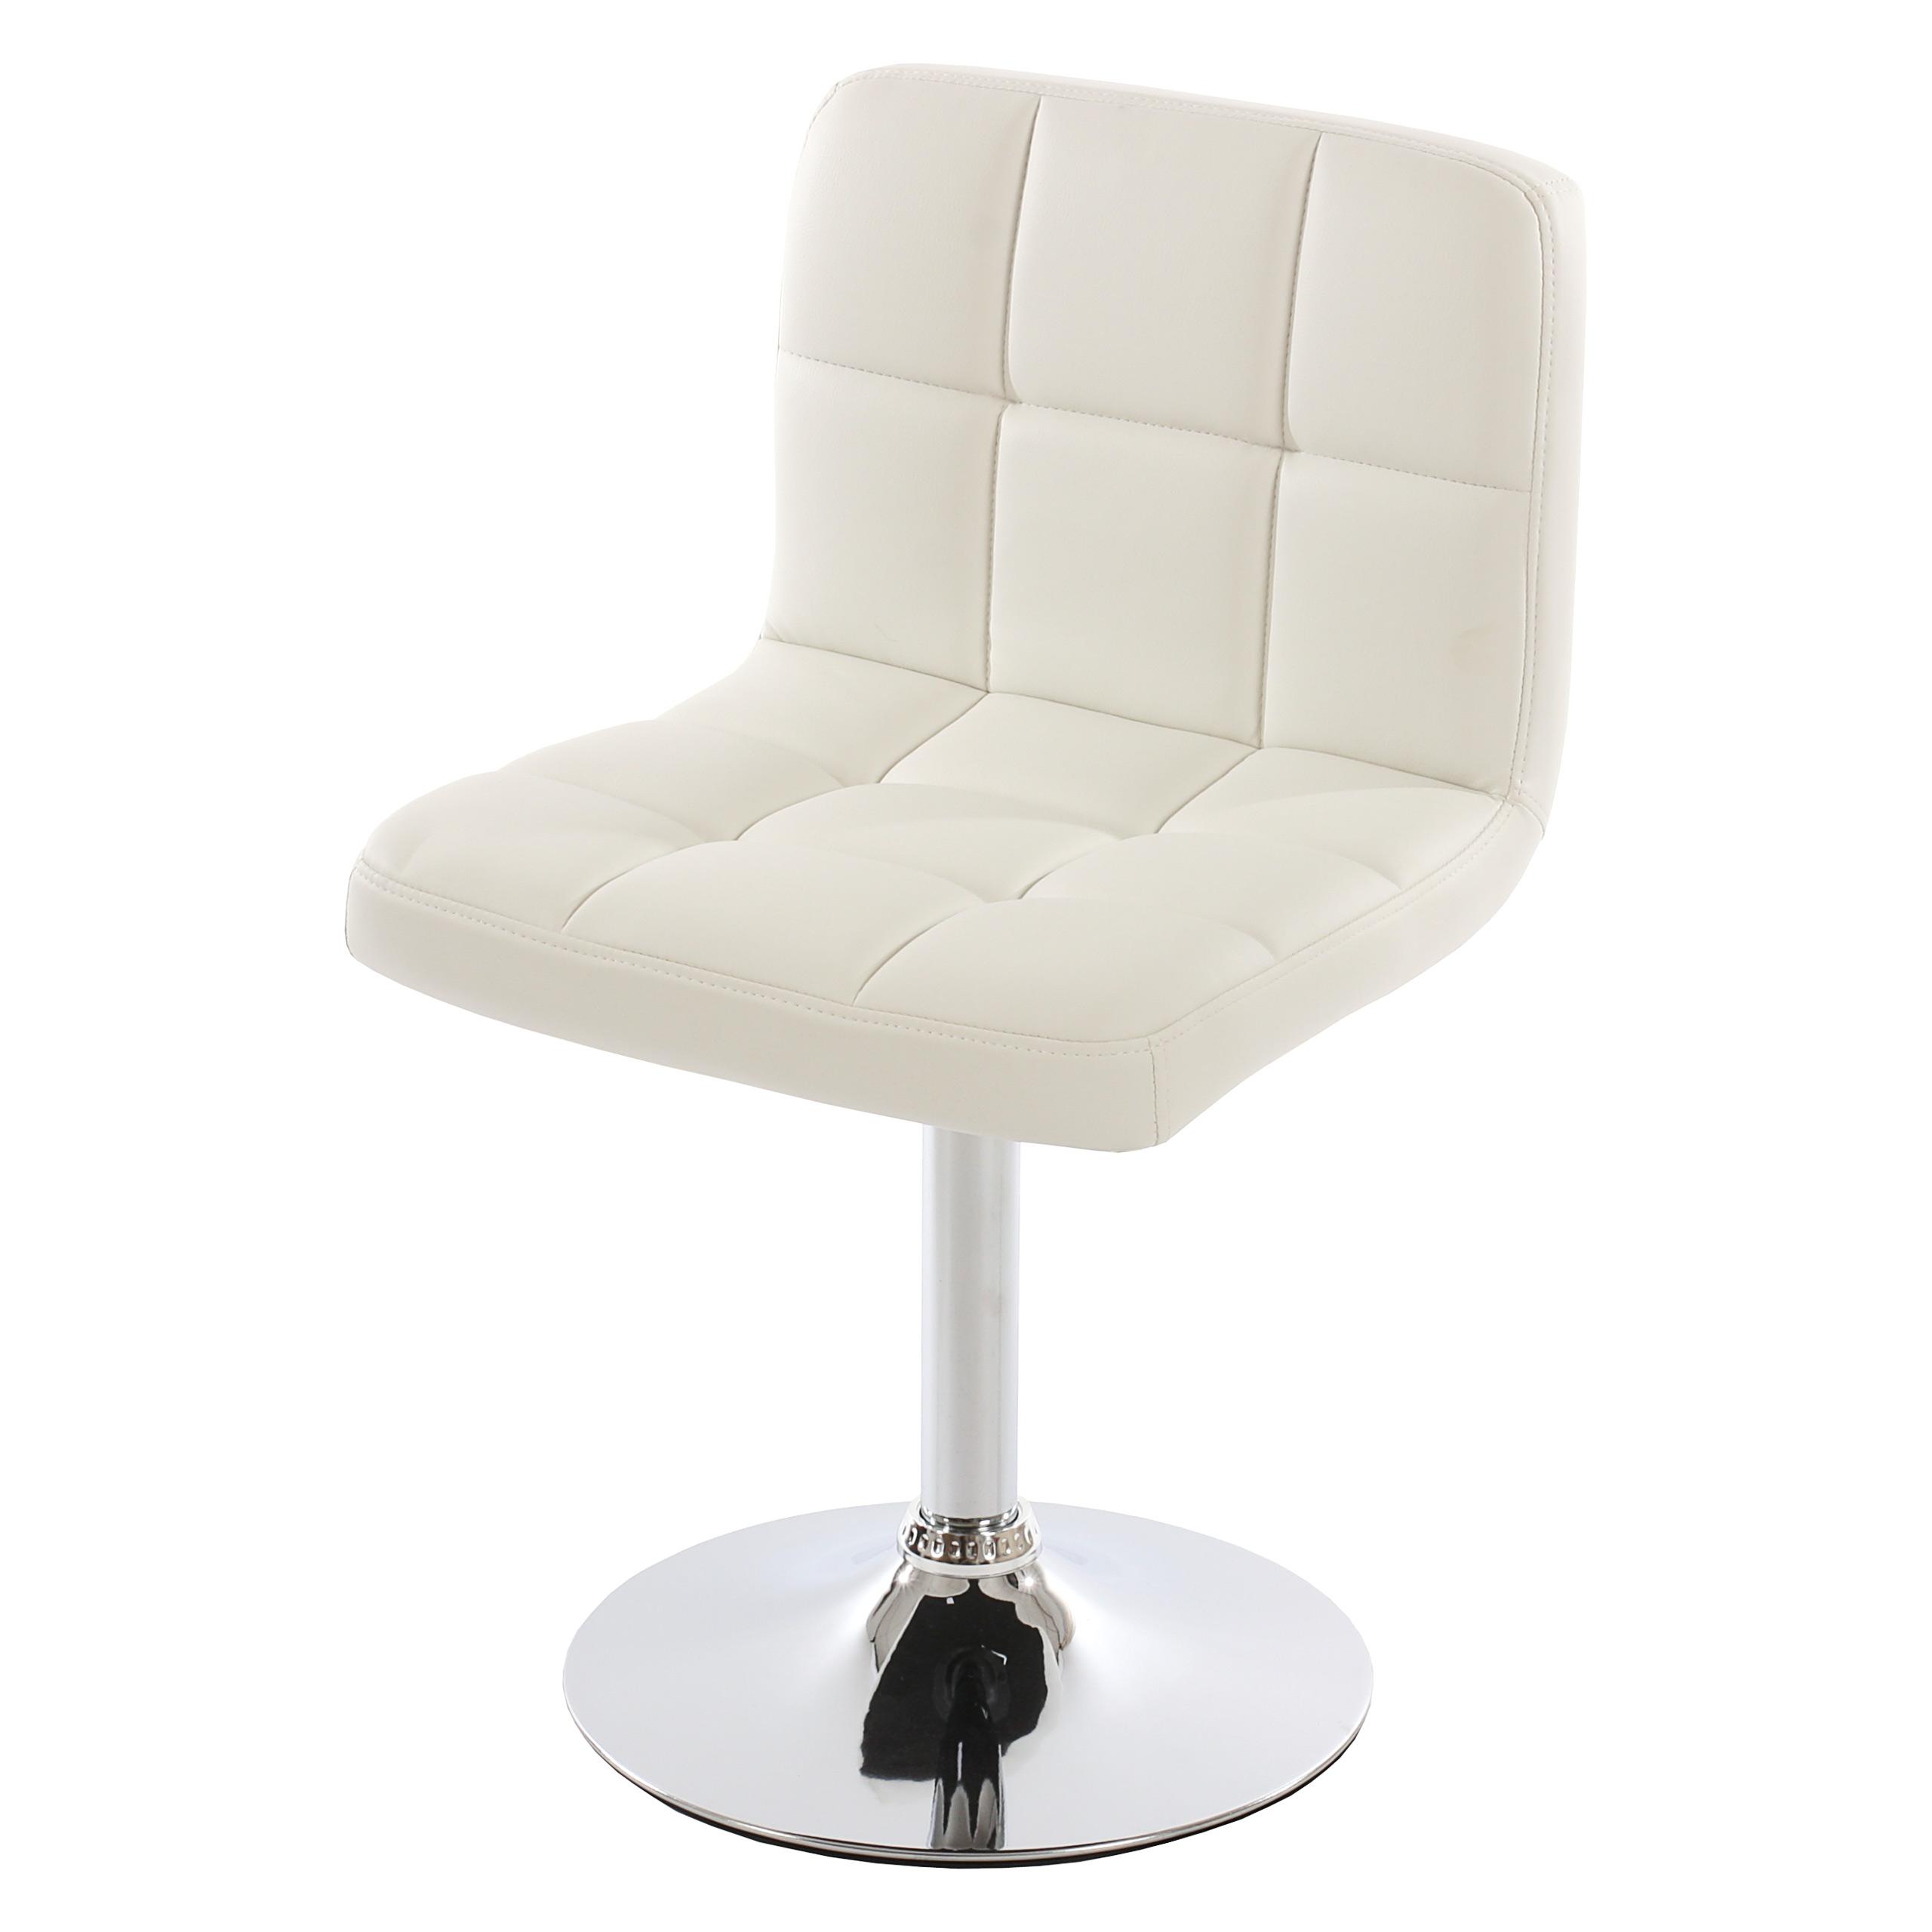 Sillas de comedor blancas los mejores modelos for Sillas de comedor comodas